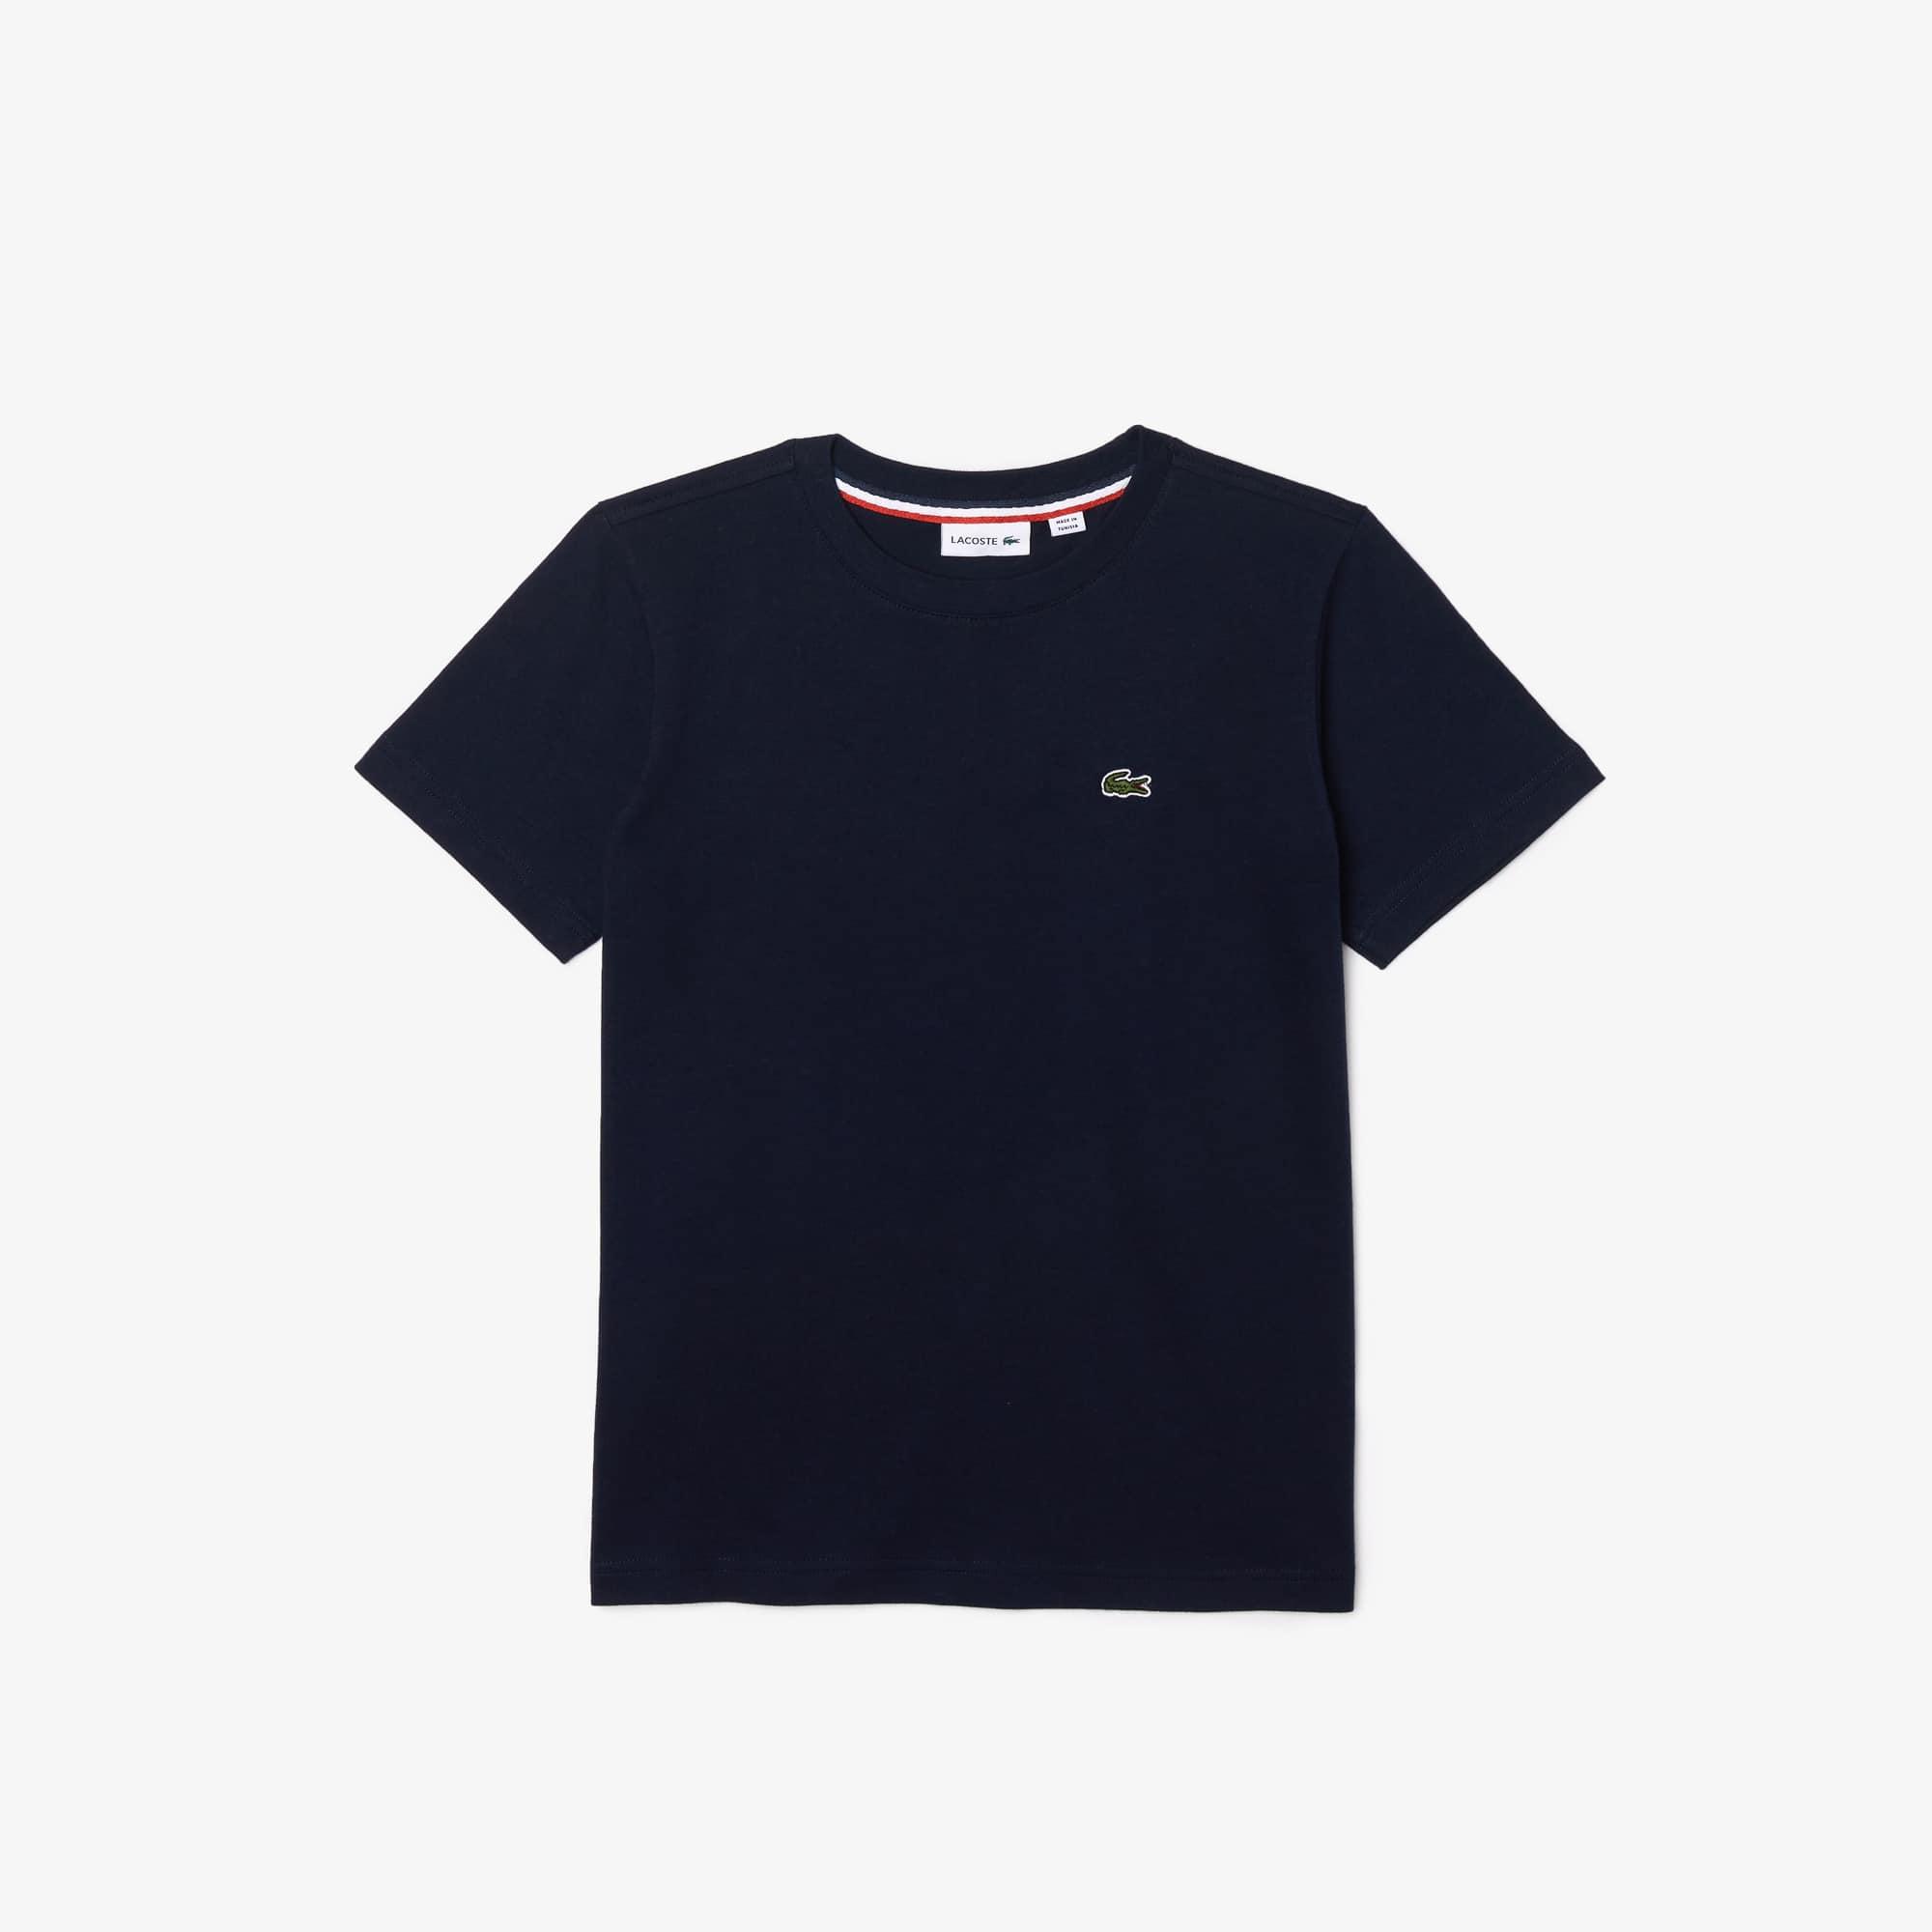 T-shirt decote redondo Menino em jersey de algodão